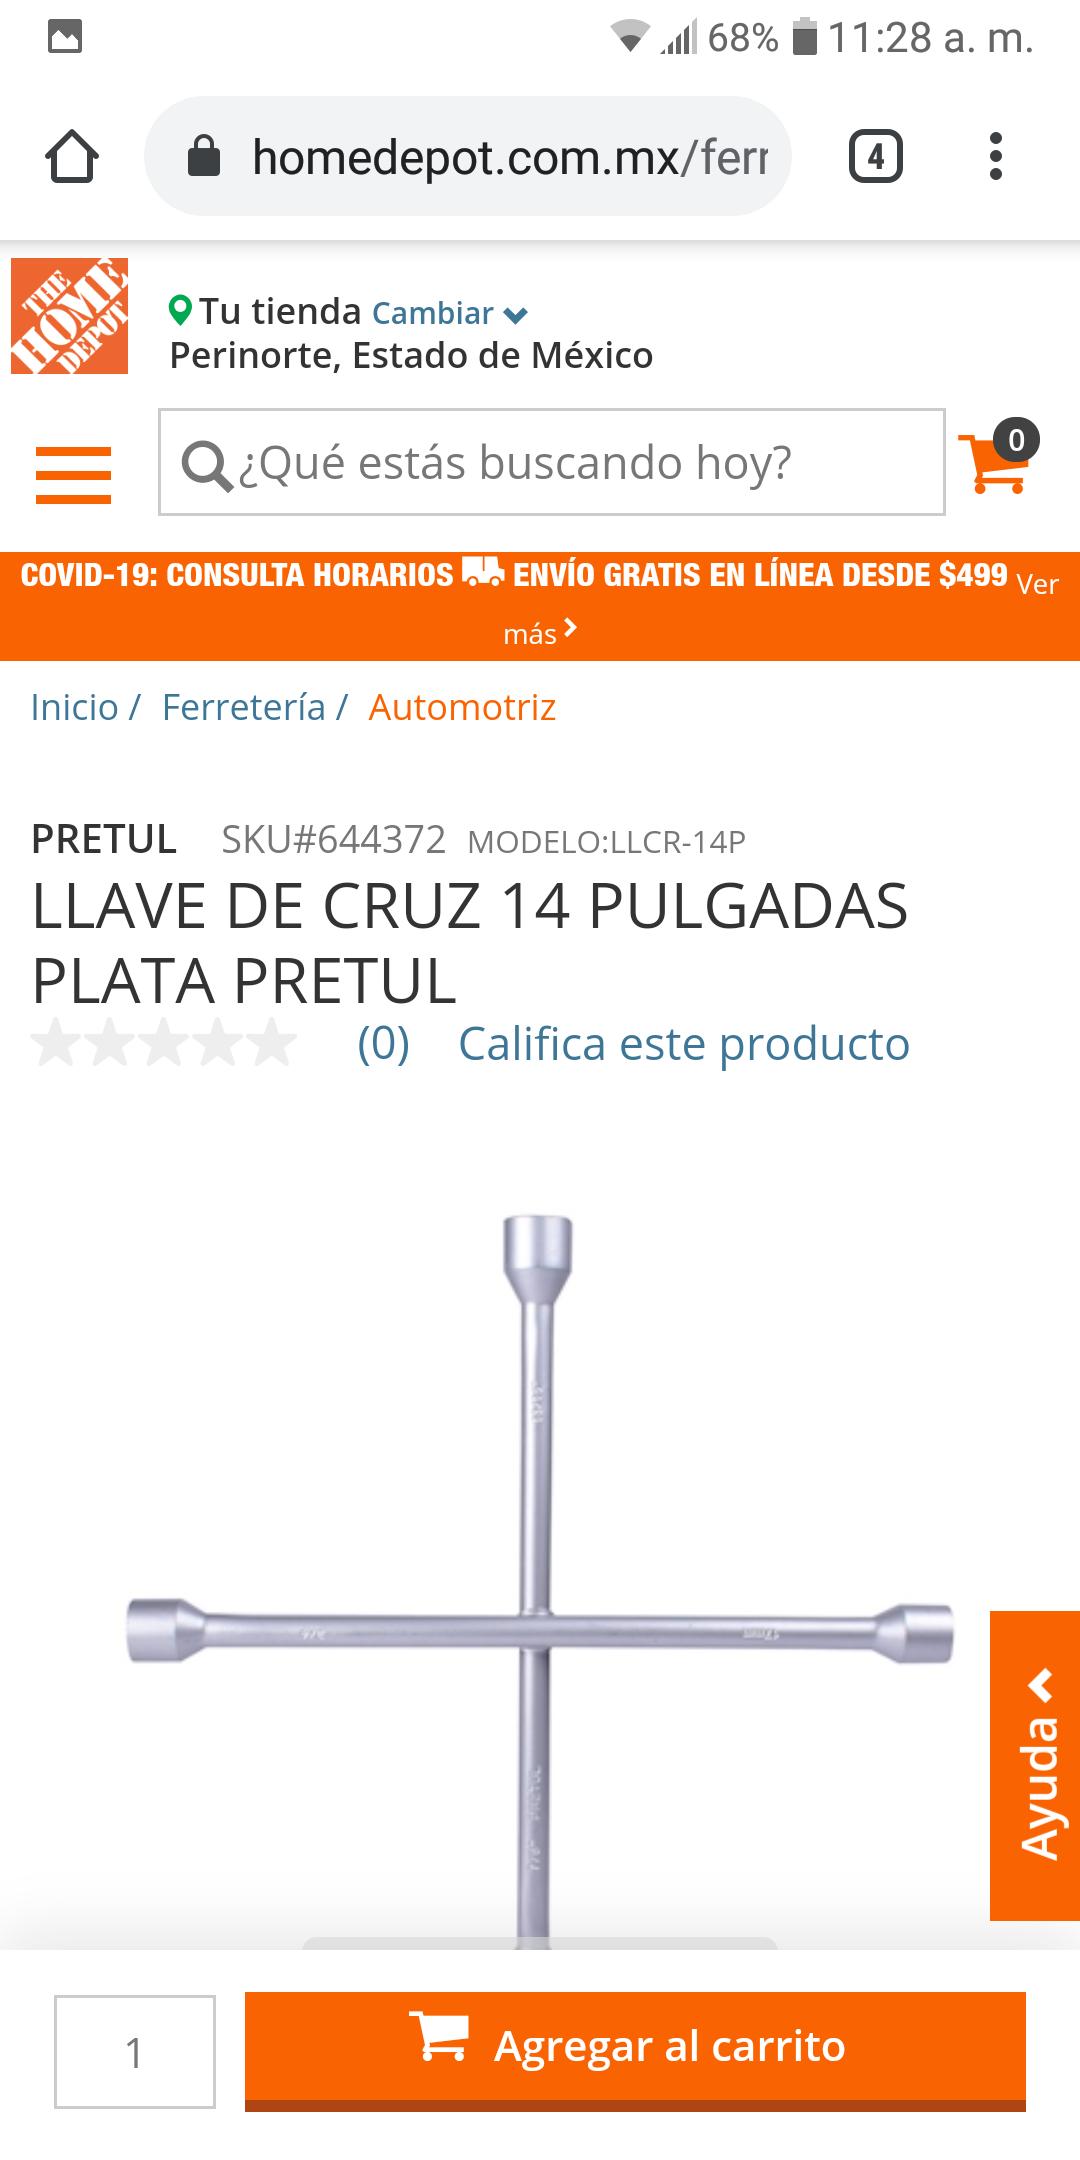 Home Depot, LLAVE DE CRUZ 14 PULGADAS PLATA PRETUL